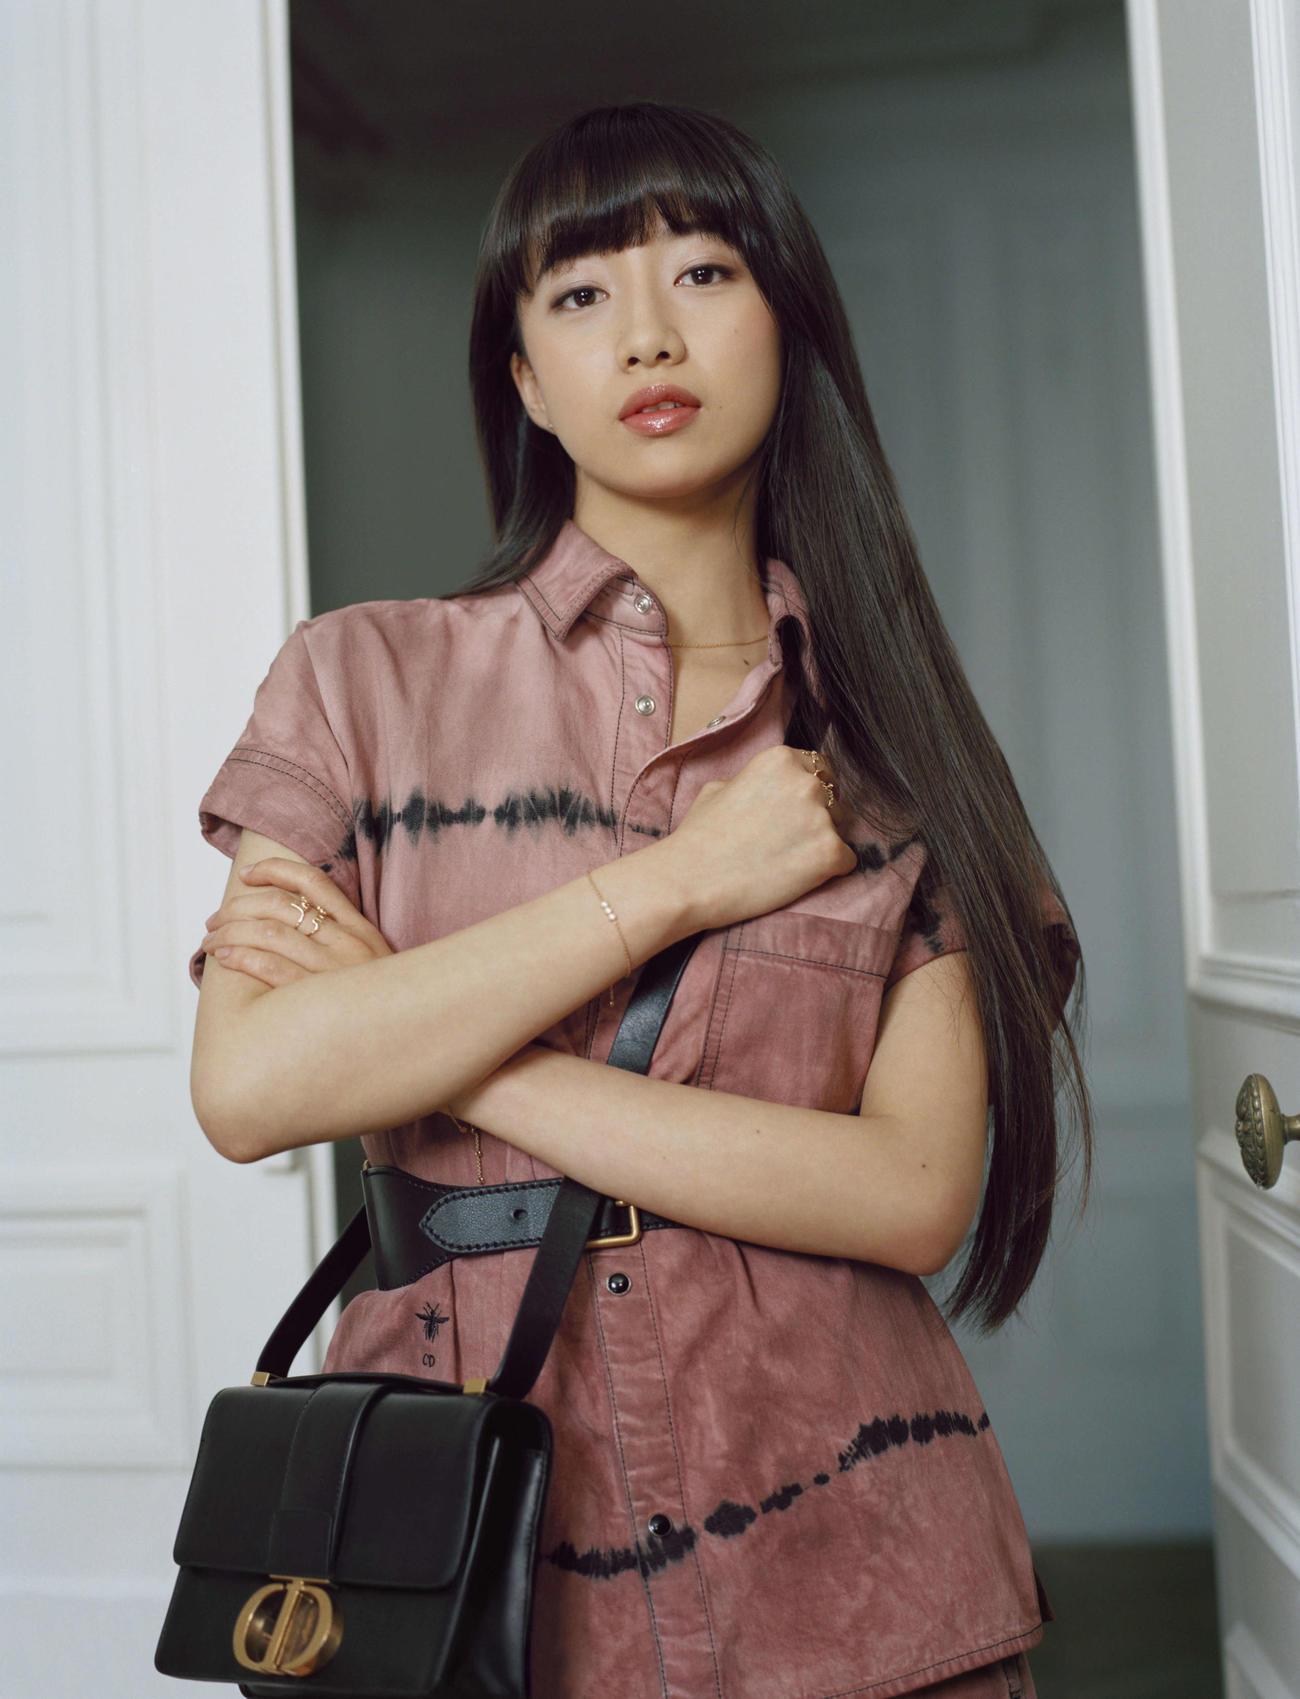 ディオールのビューティー、ファッション、ジュエリー&タイムピーシズのジャパンアンバサダーに就任するCocomi EmmaLeDoyen